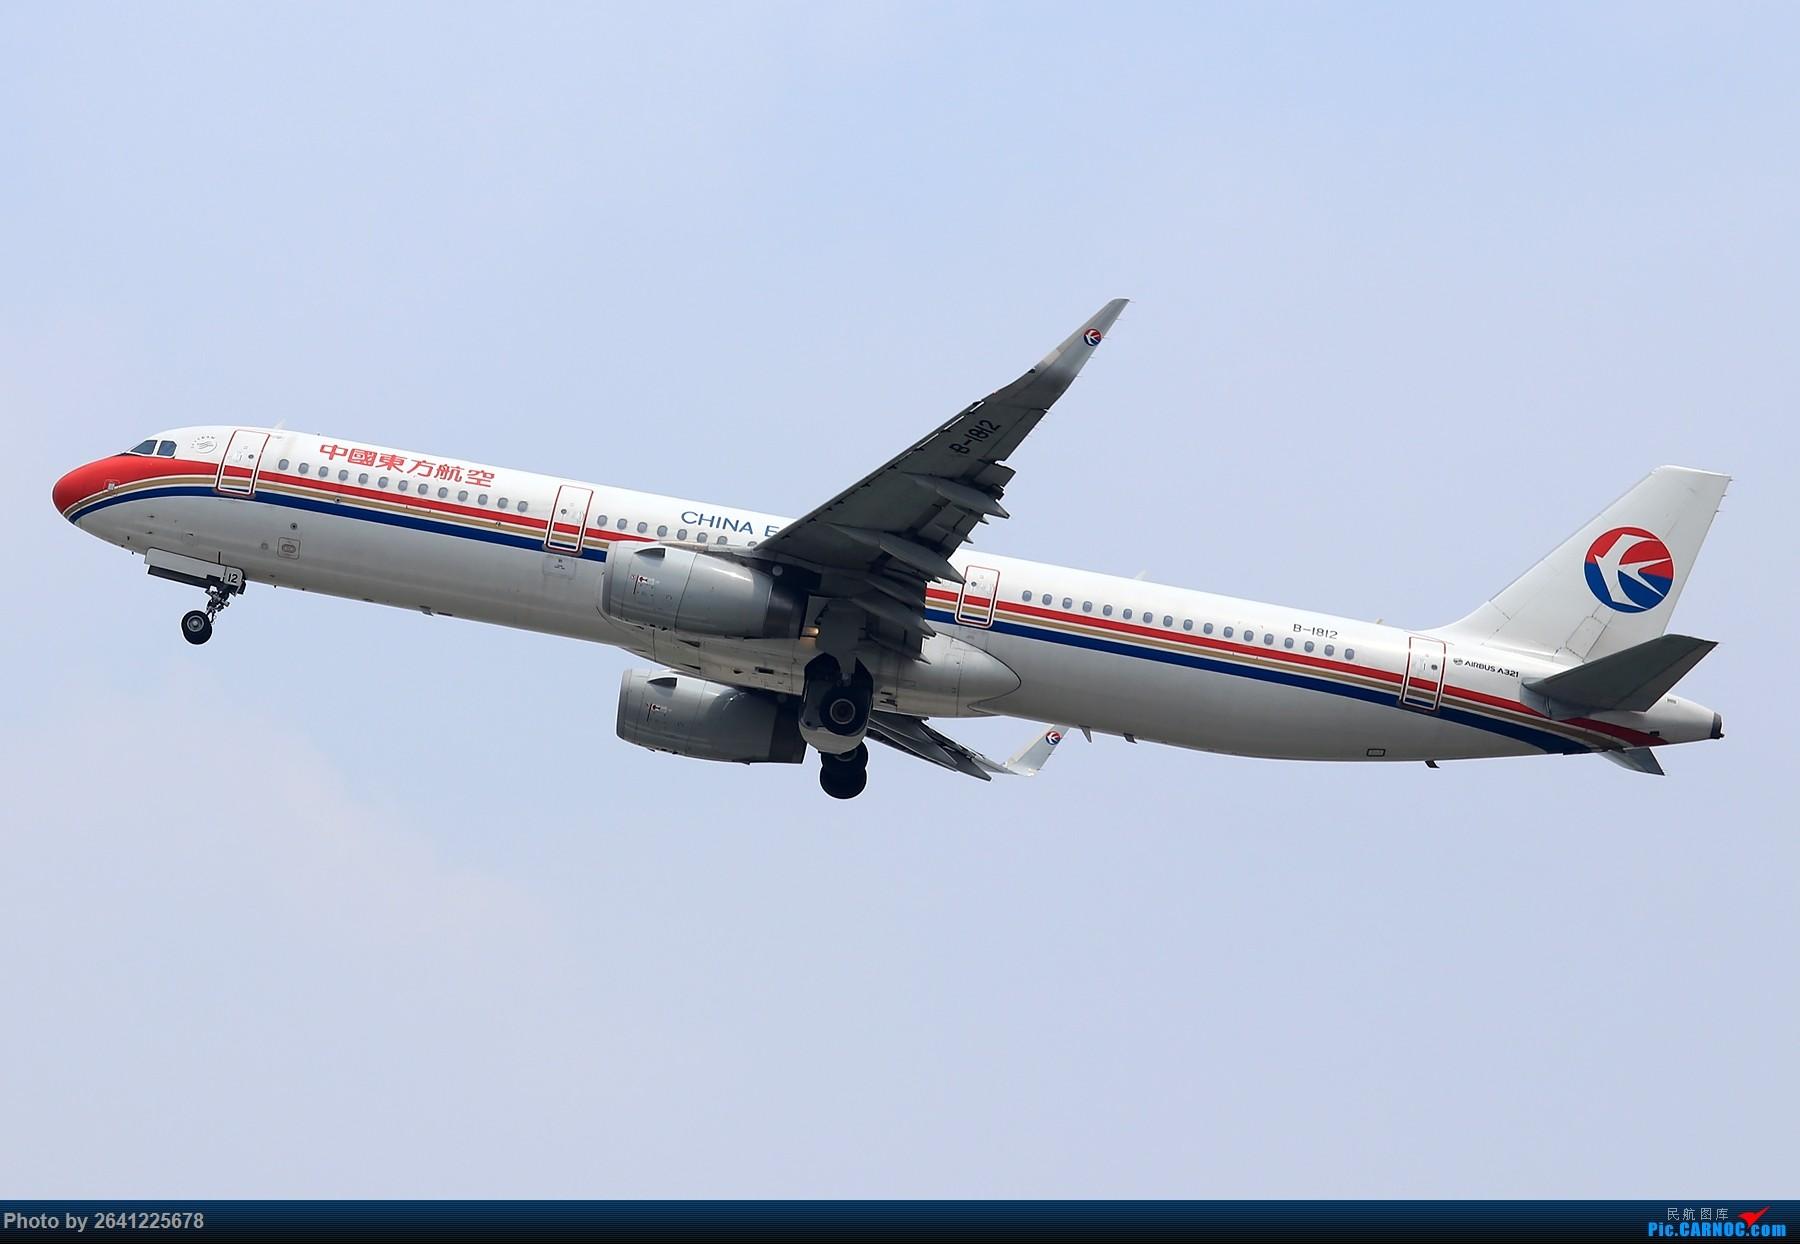 [求助]【西安飞友求戳】求西安机场和西宁机场拍机位(最好有地图)谢谢 AIRBUS A321-200 B-1812 中国北京首都国际机场